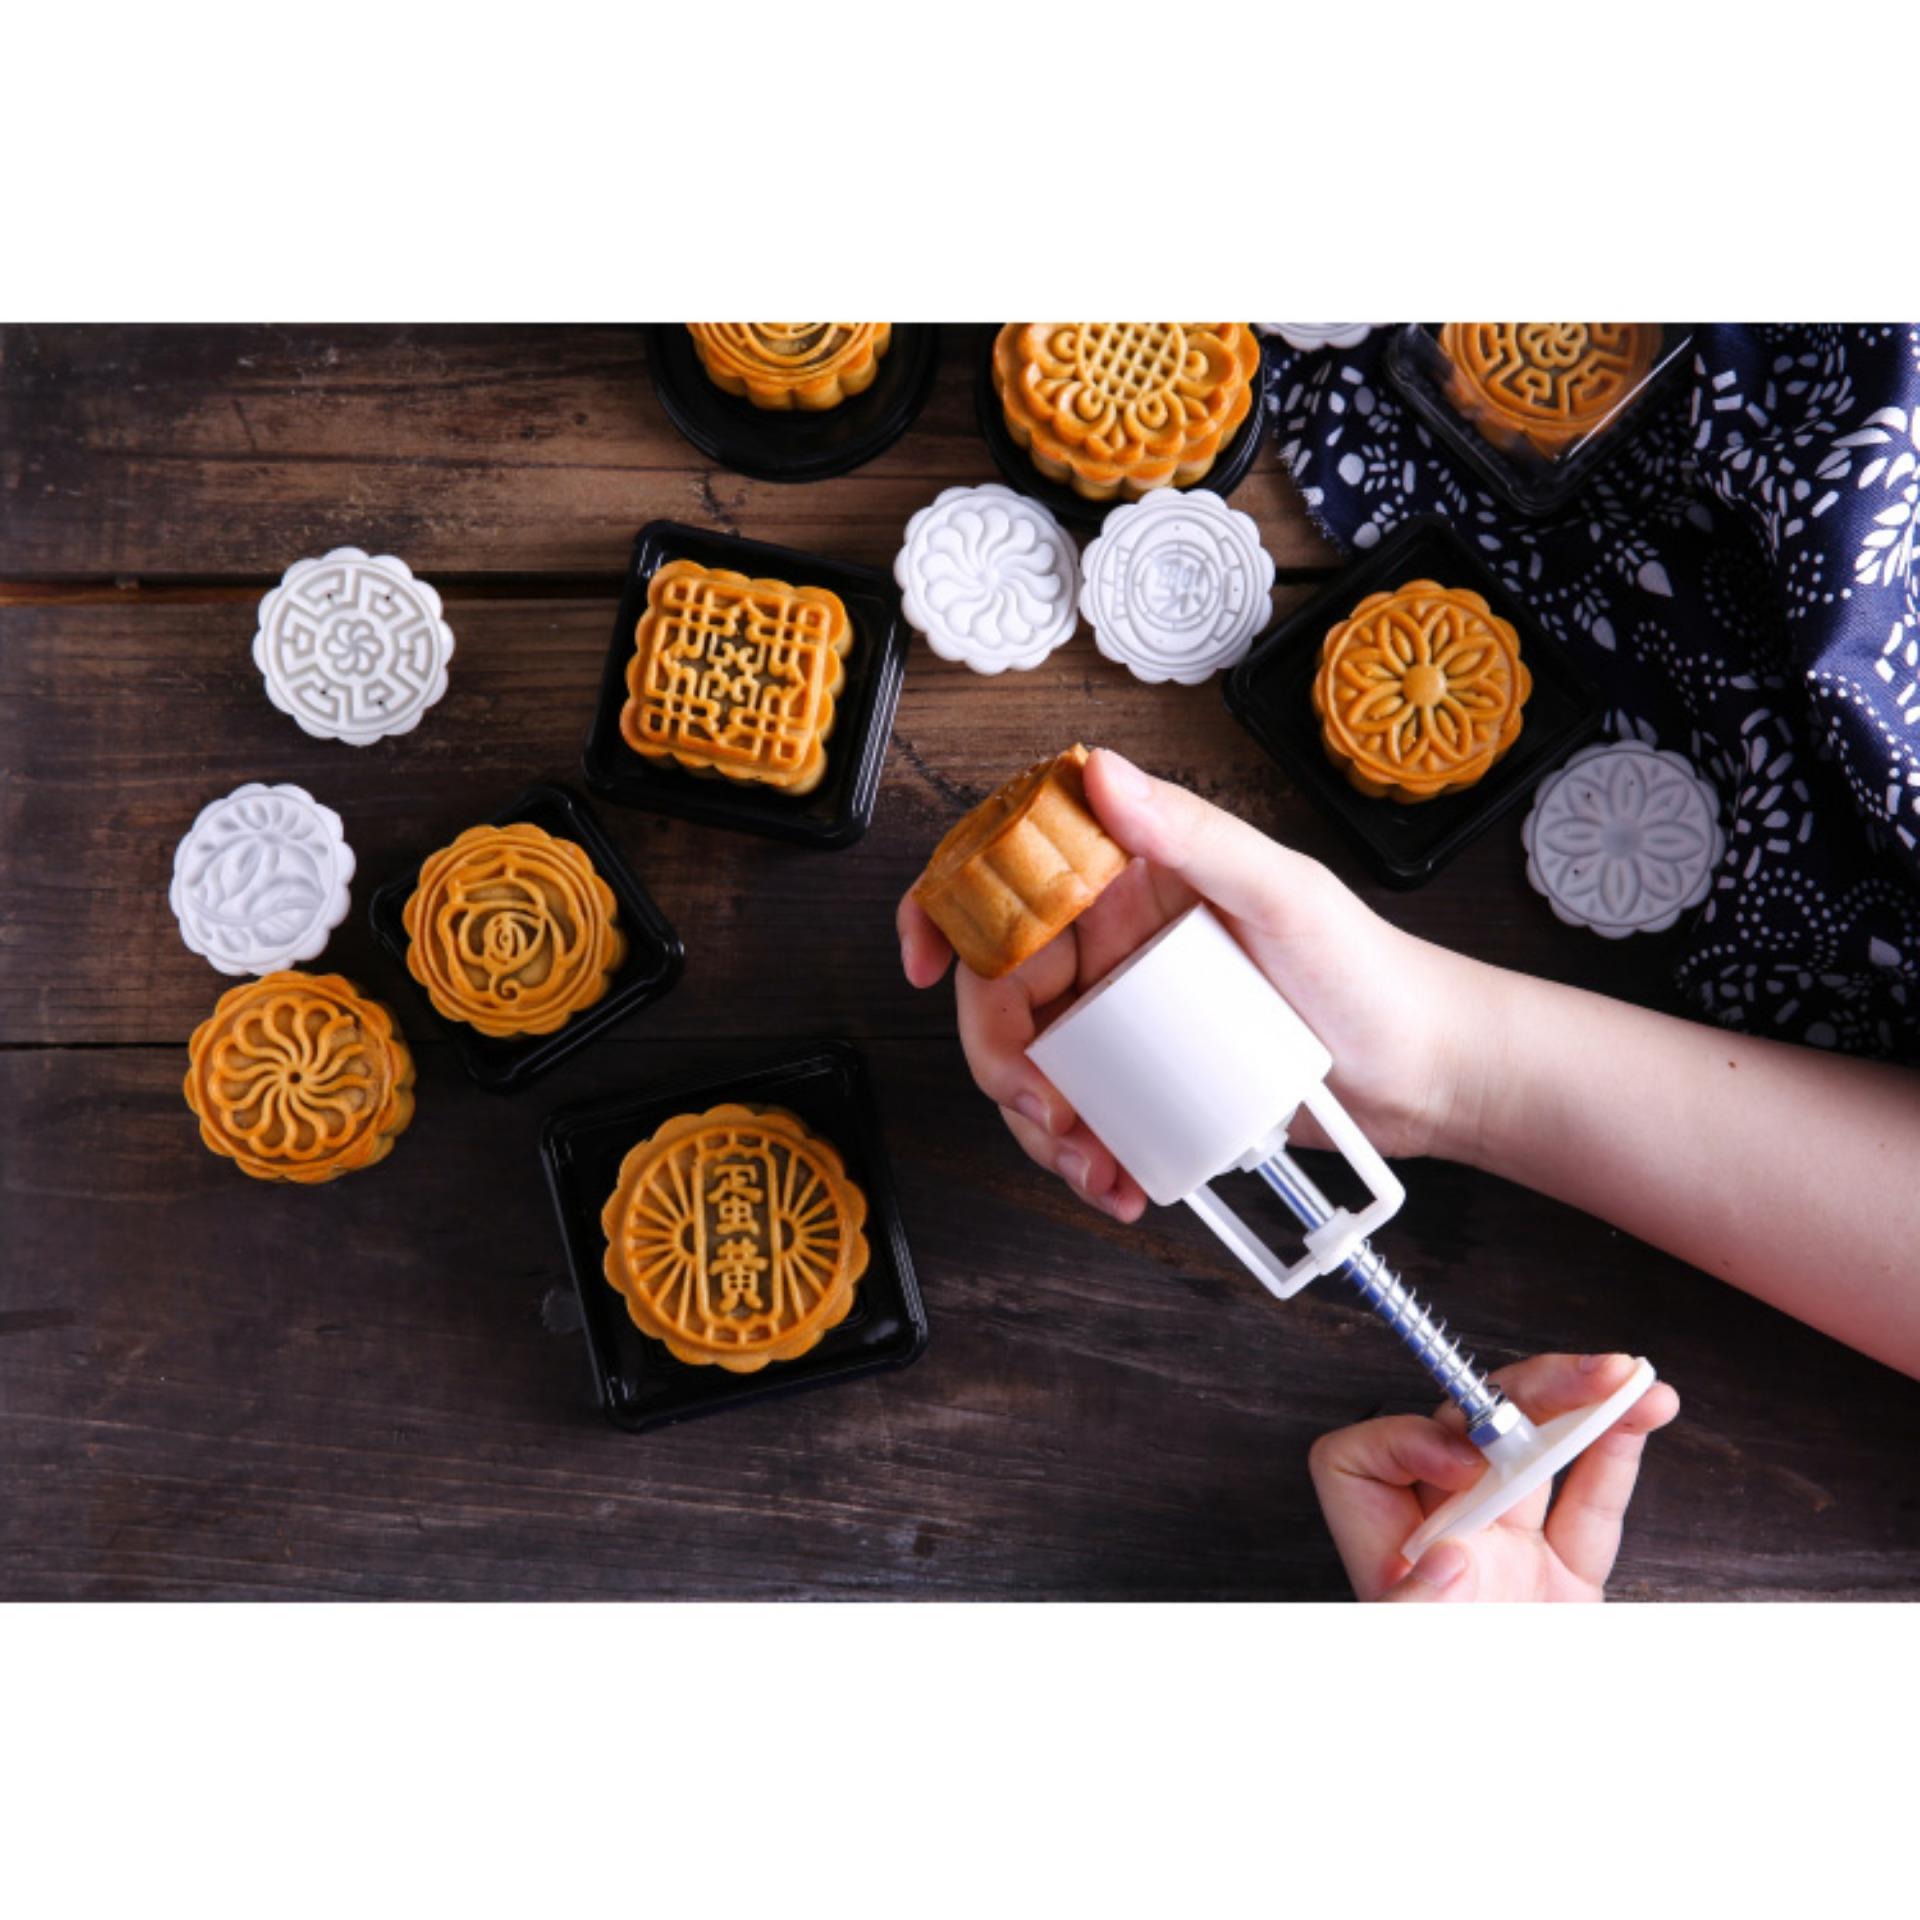 Khuôn làm bánh trung thu / bánh ngọt hình tròn 6 khuôn